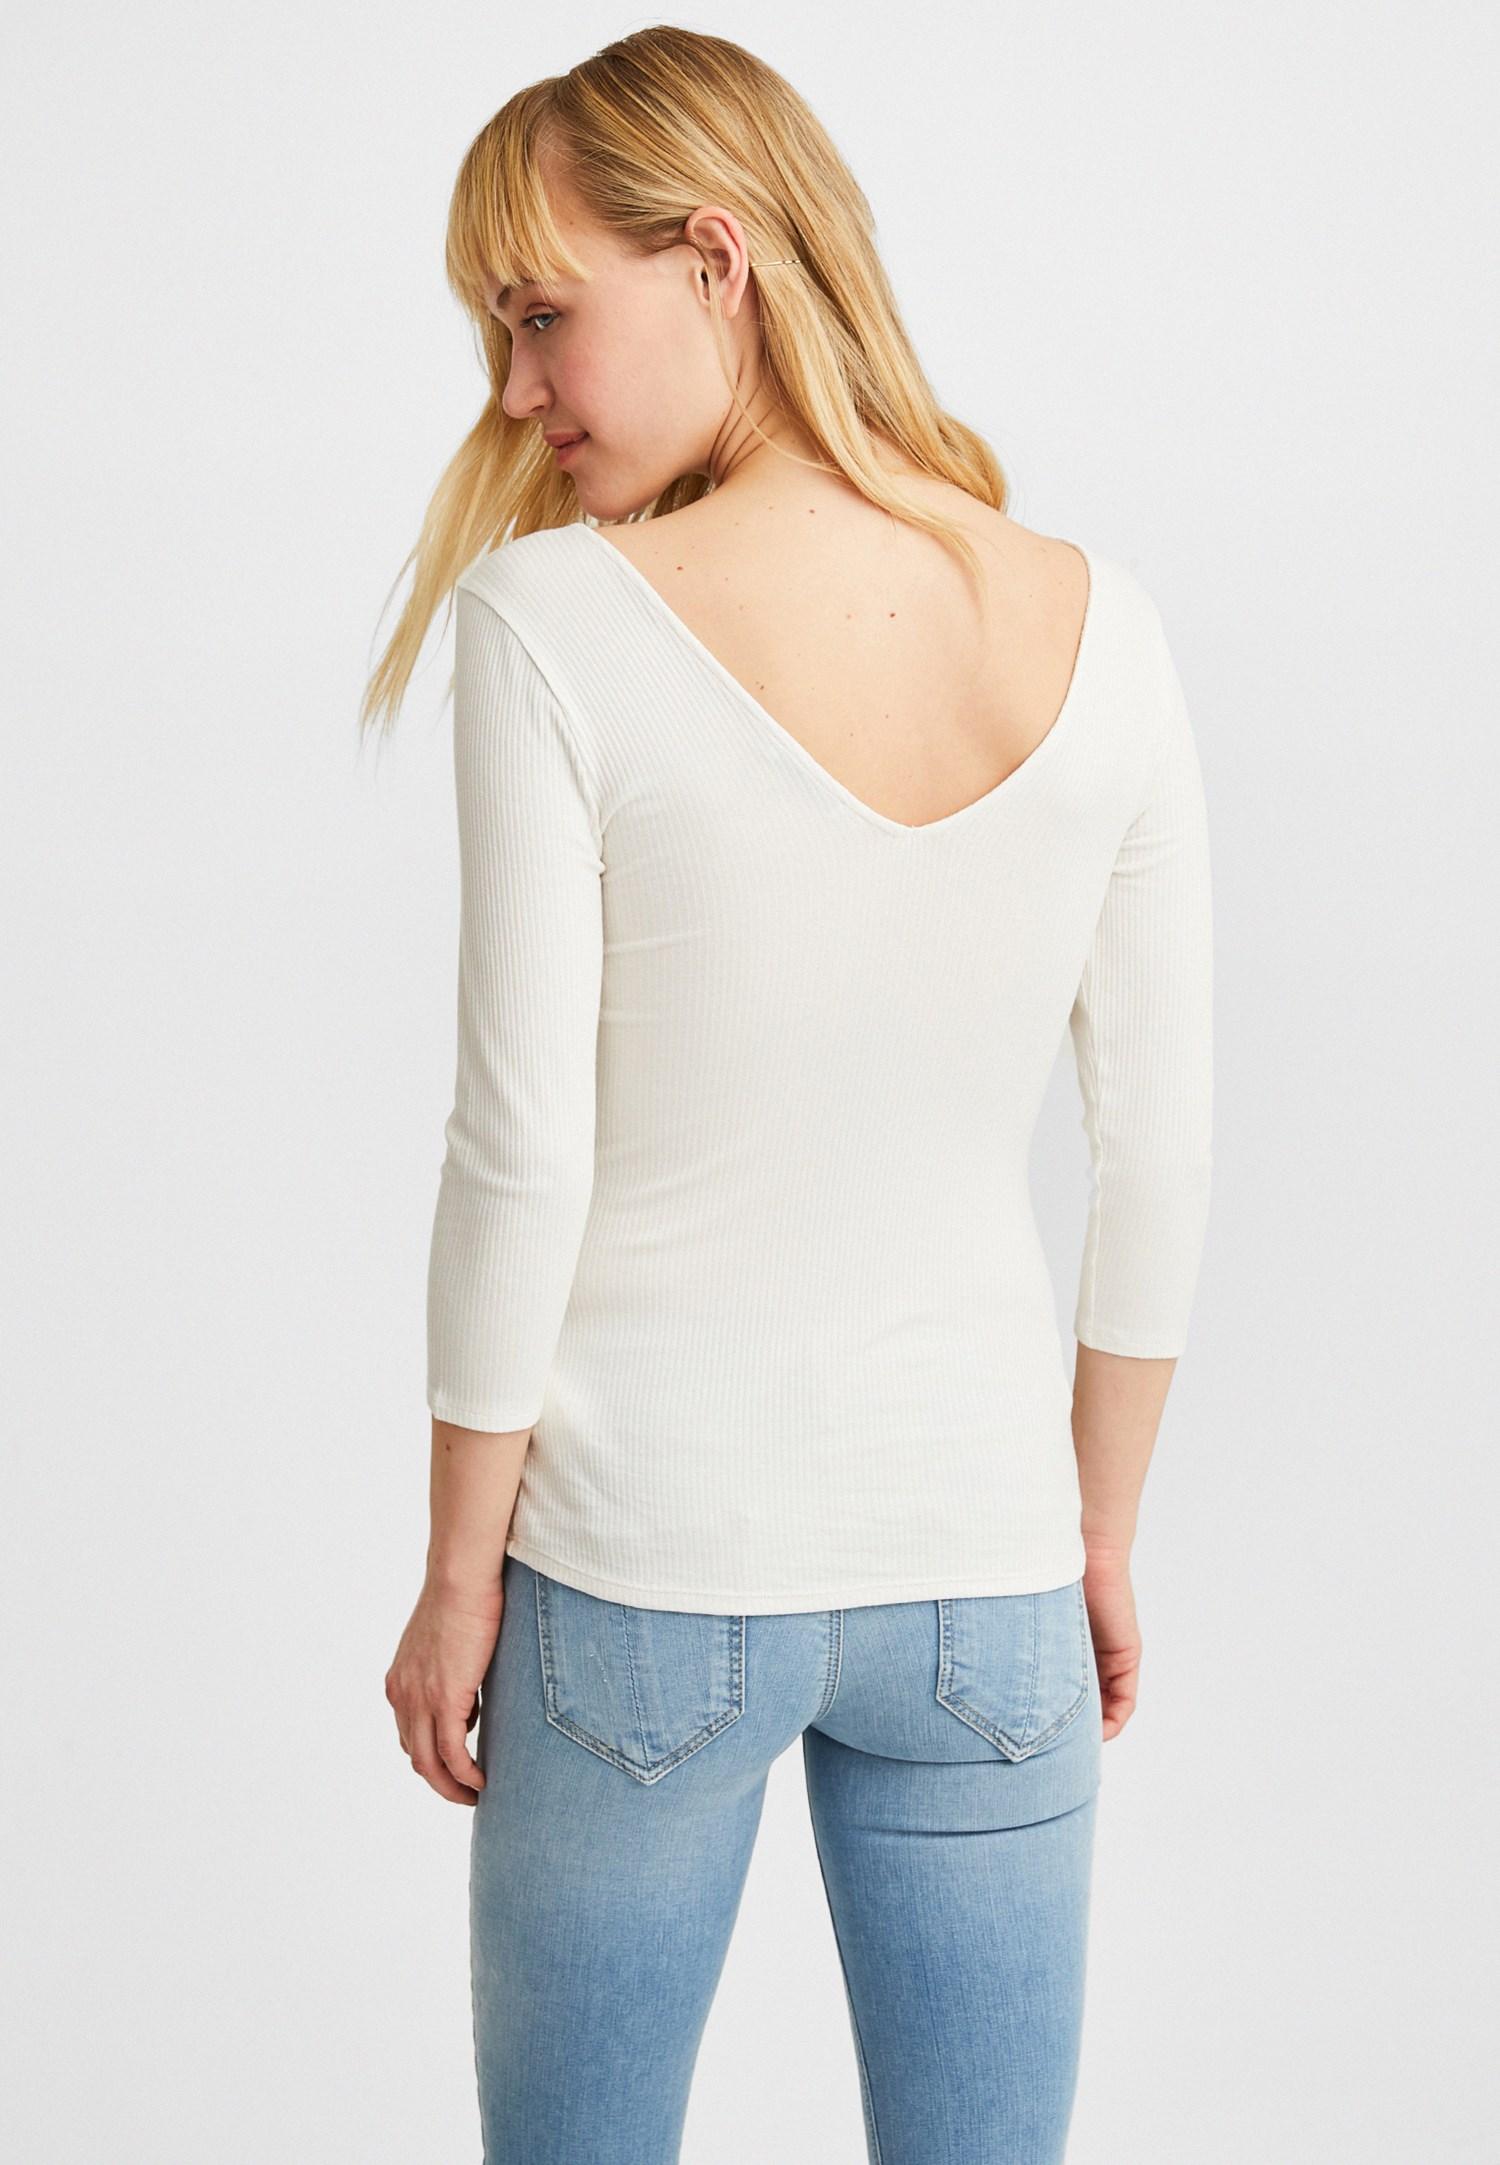 Women Cream V-Neck Long Sleeve Blouse